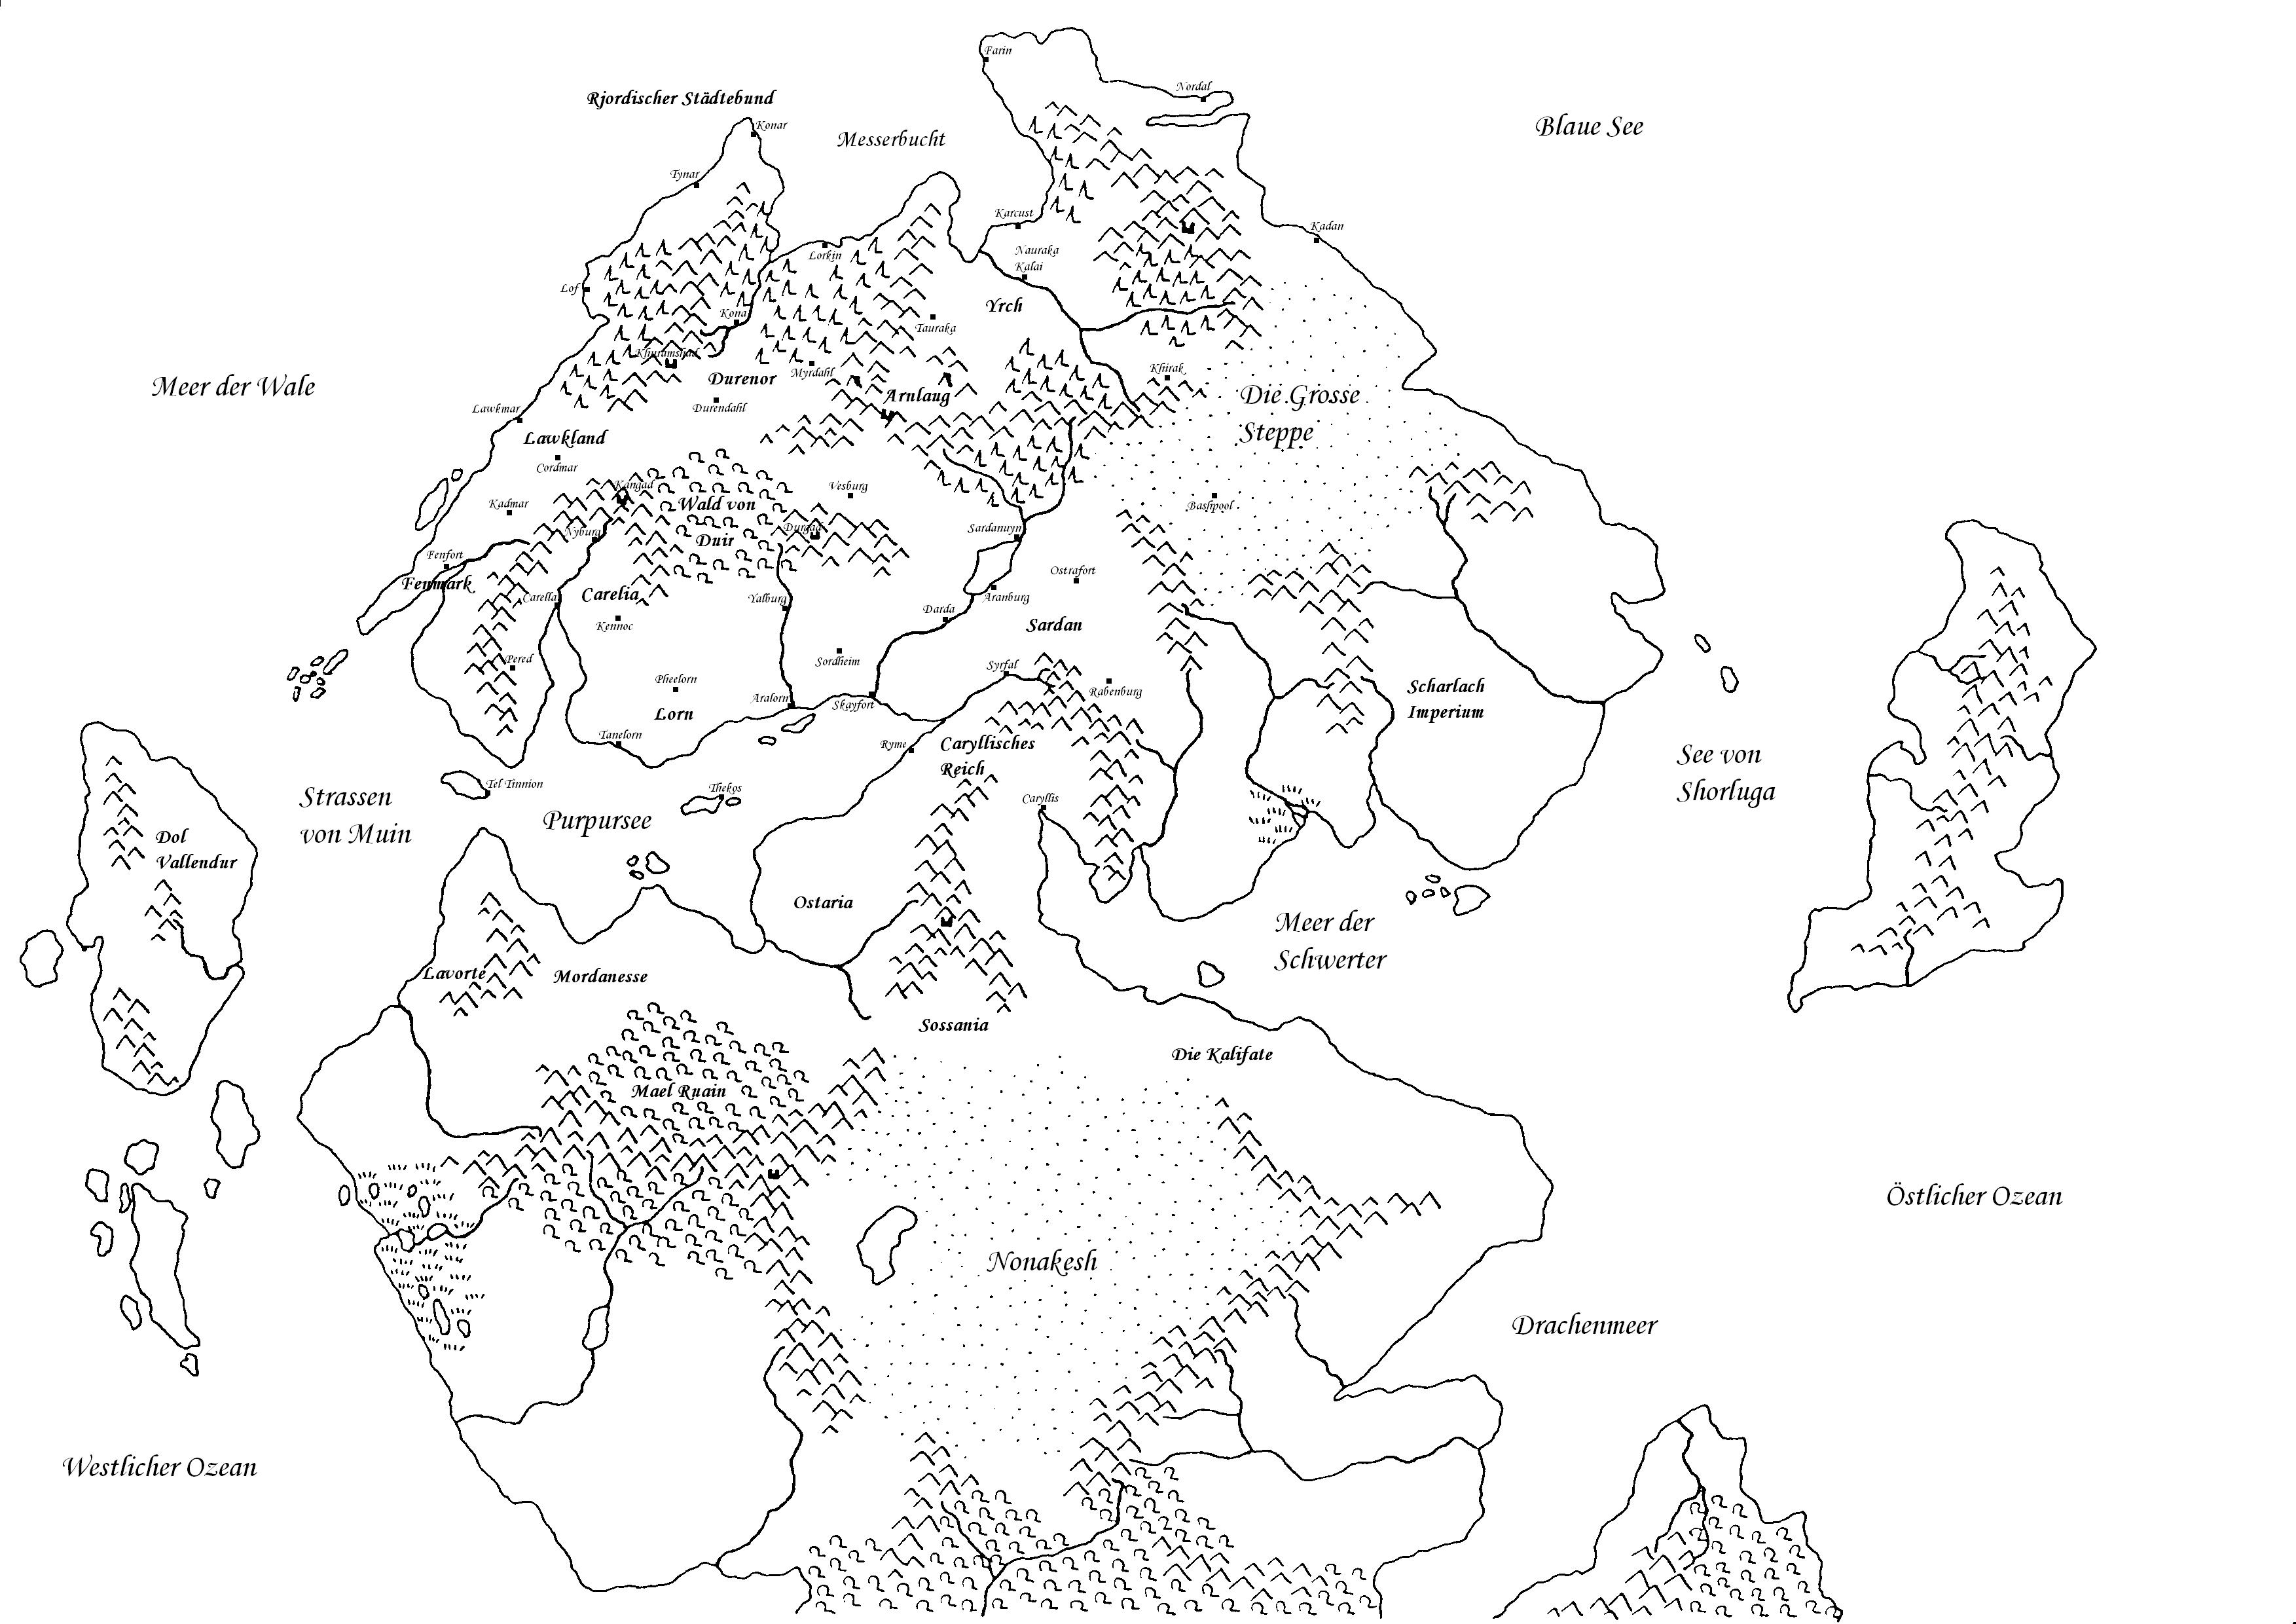 Karte_des_westlichen_Partann